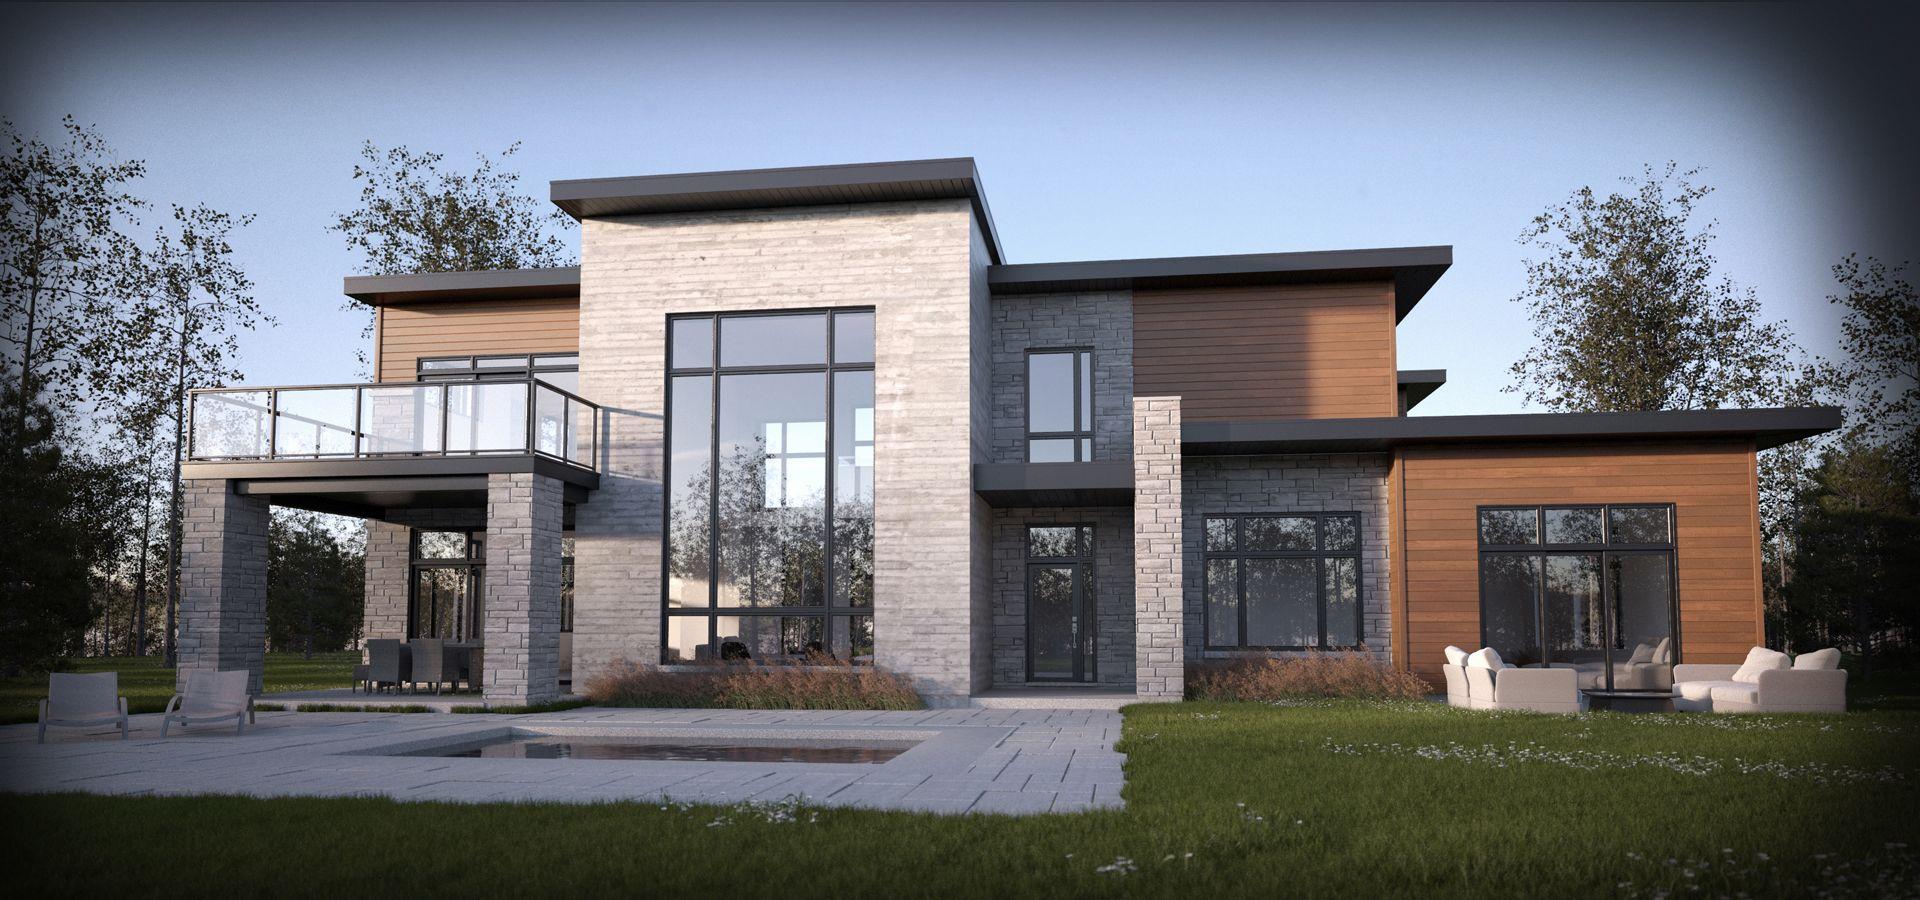 Maison en 2019 maison laprise maison quebec et plan maison - Plan de maison quebec ...